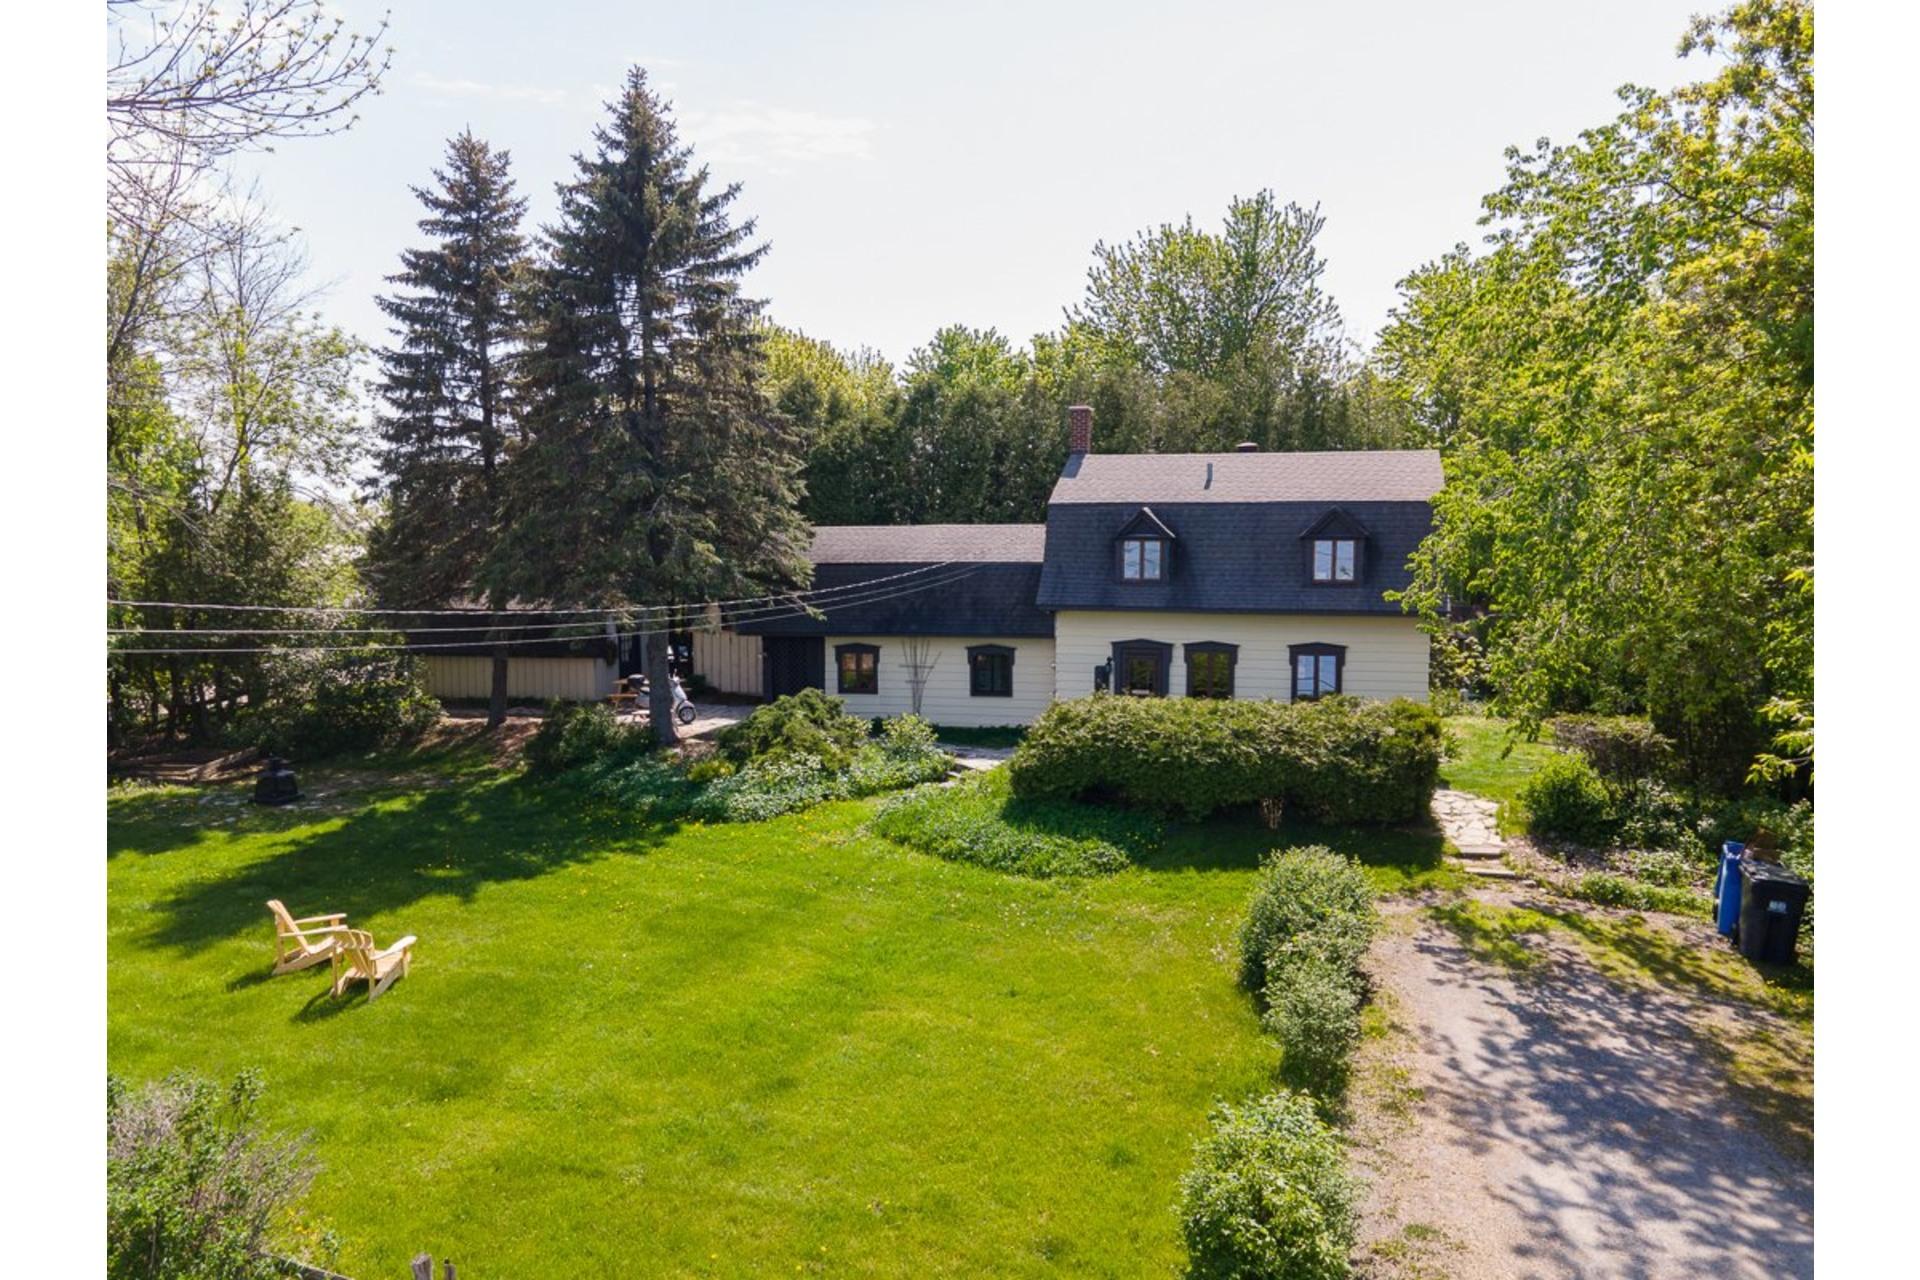 image 28 - MX - Casa sola - MX En venta Vaudreuil-Dorion - 12 habitaciones